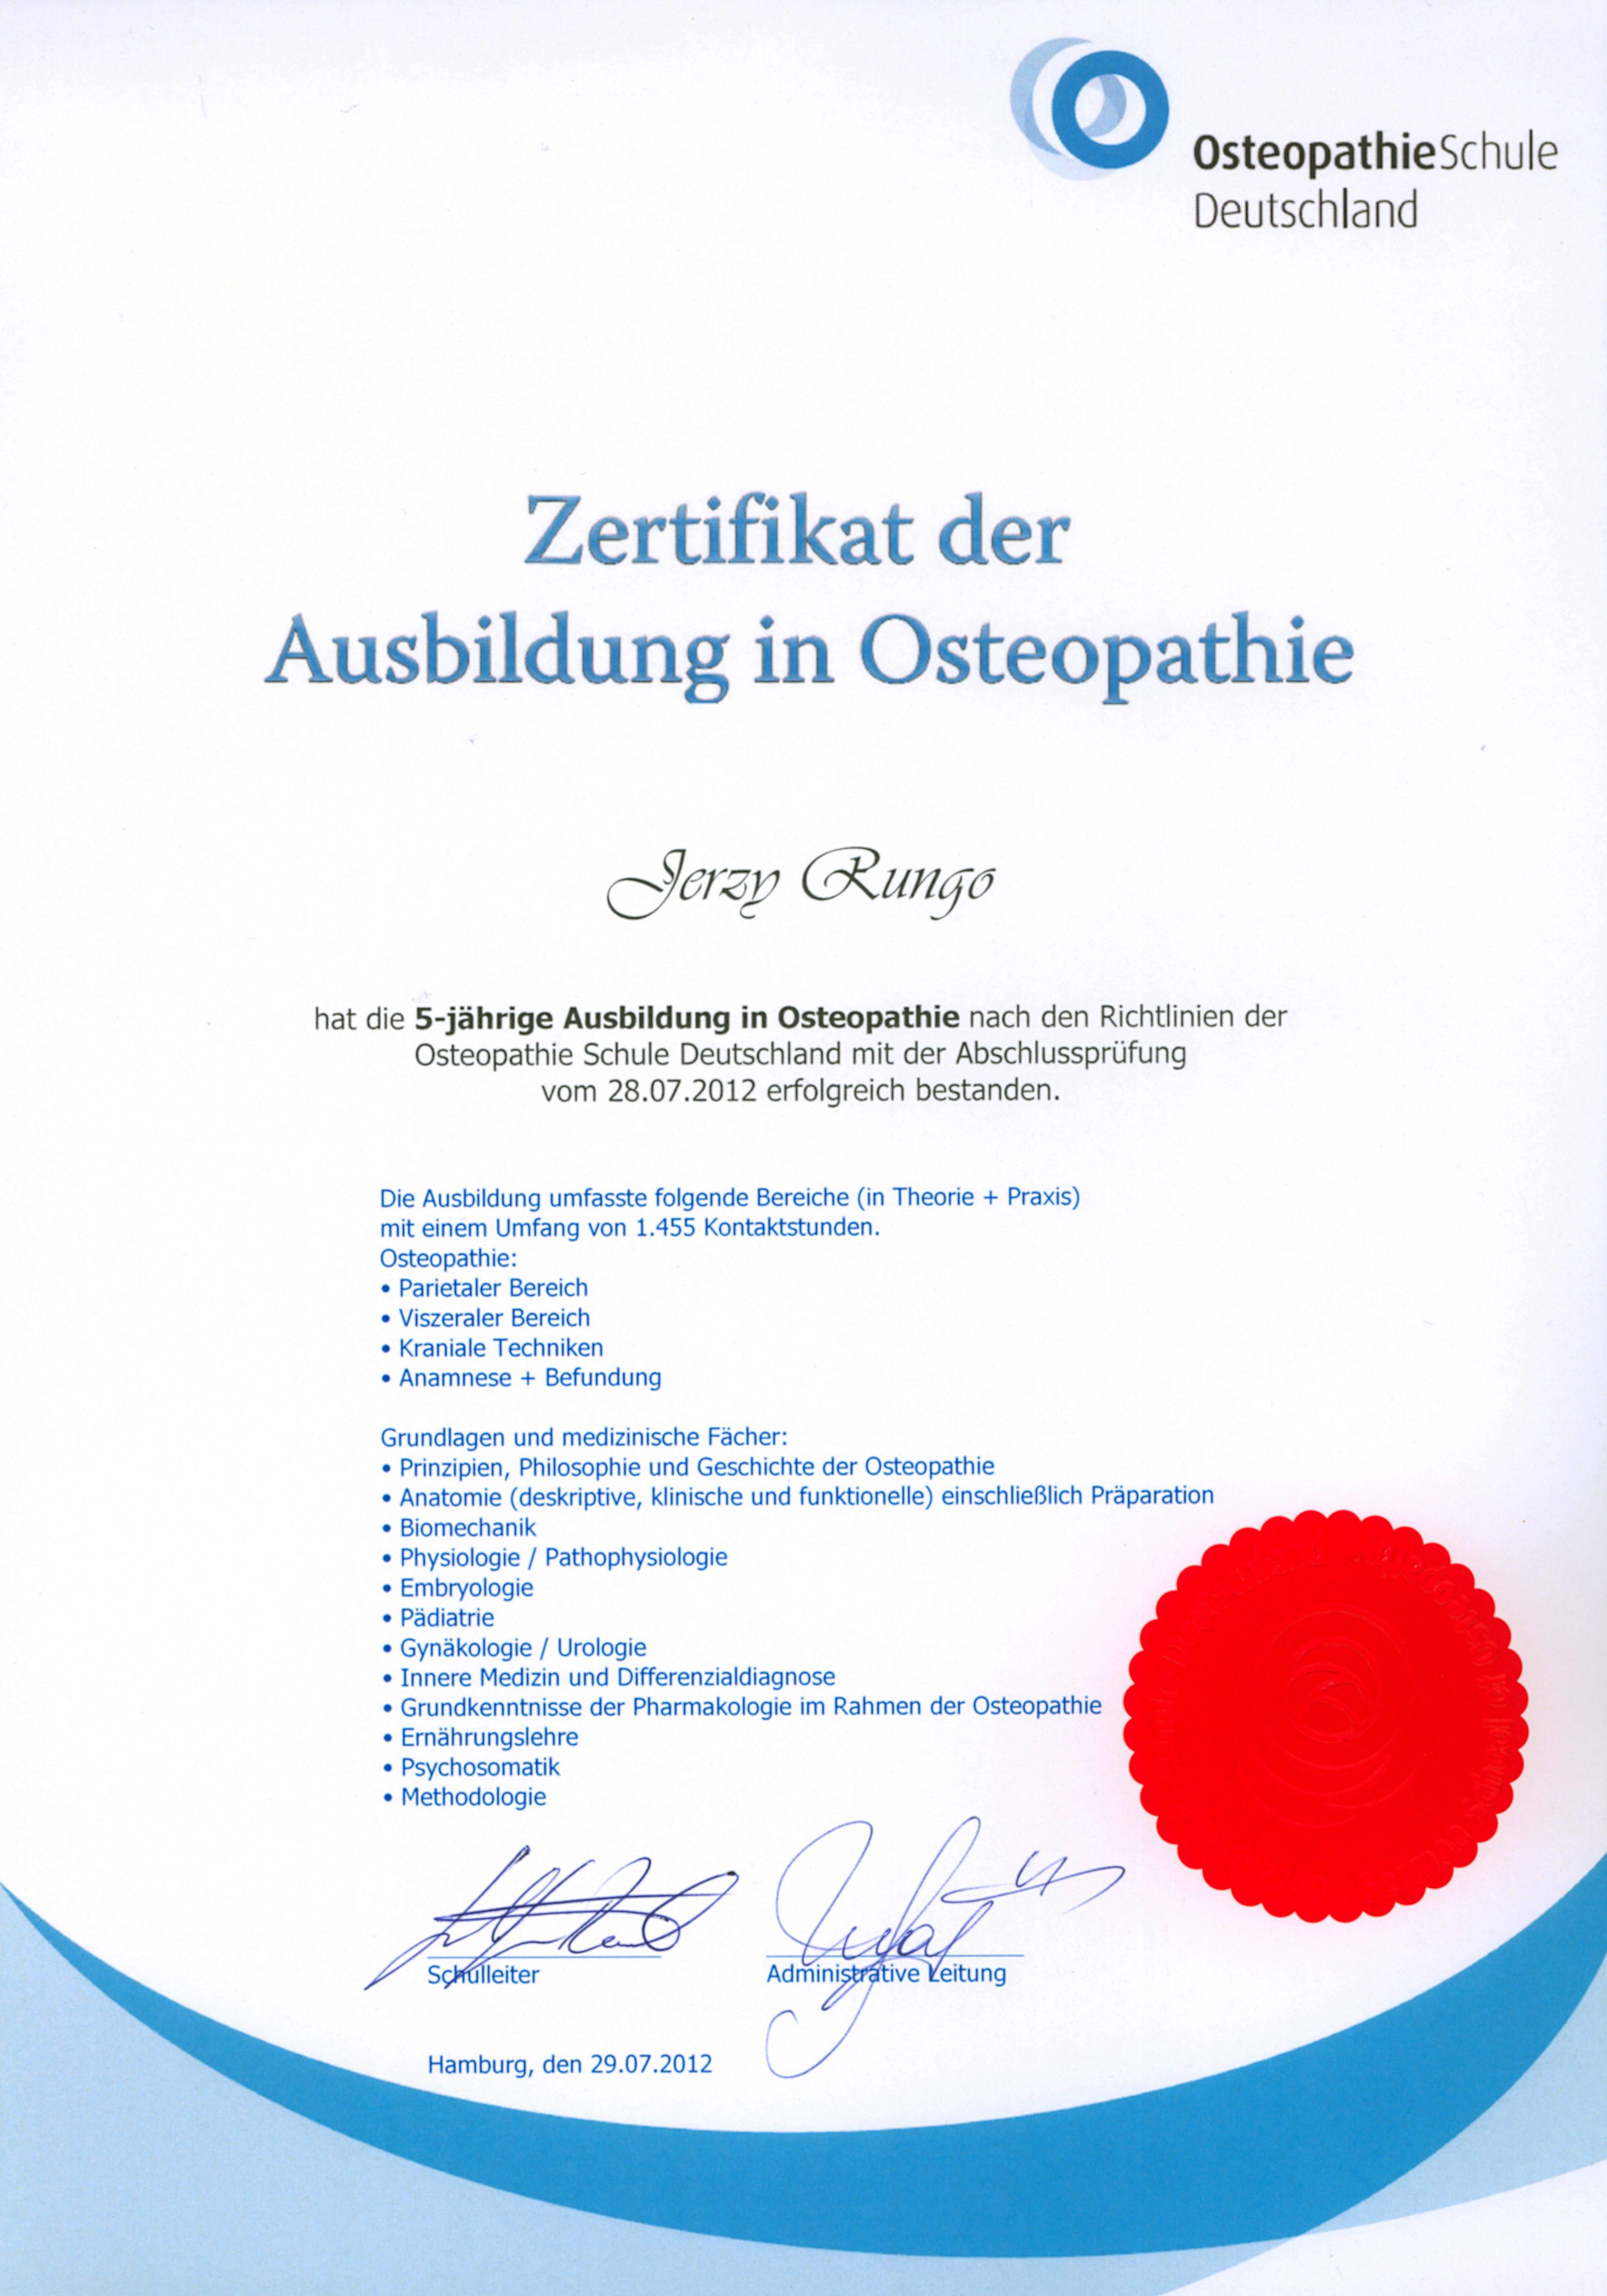 Berühmt Anatomie Und Physiologie Der Praxis Abschlussprüfung Bilder ...